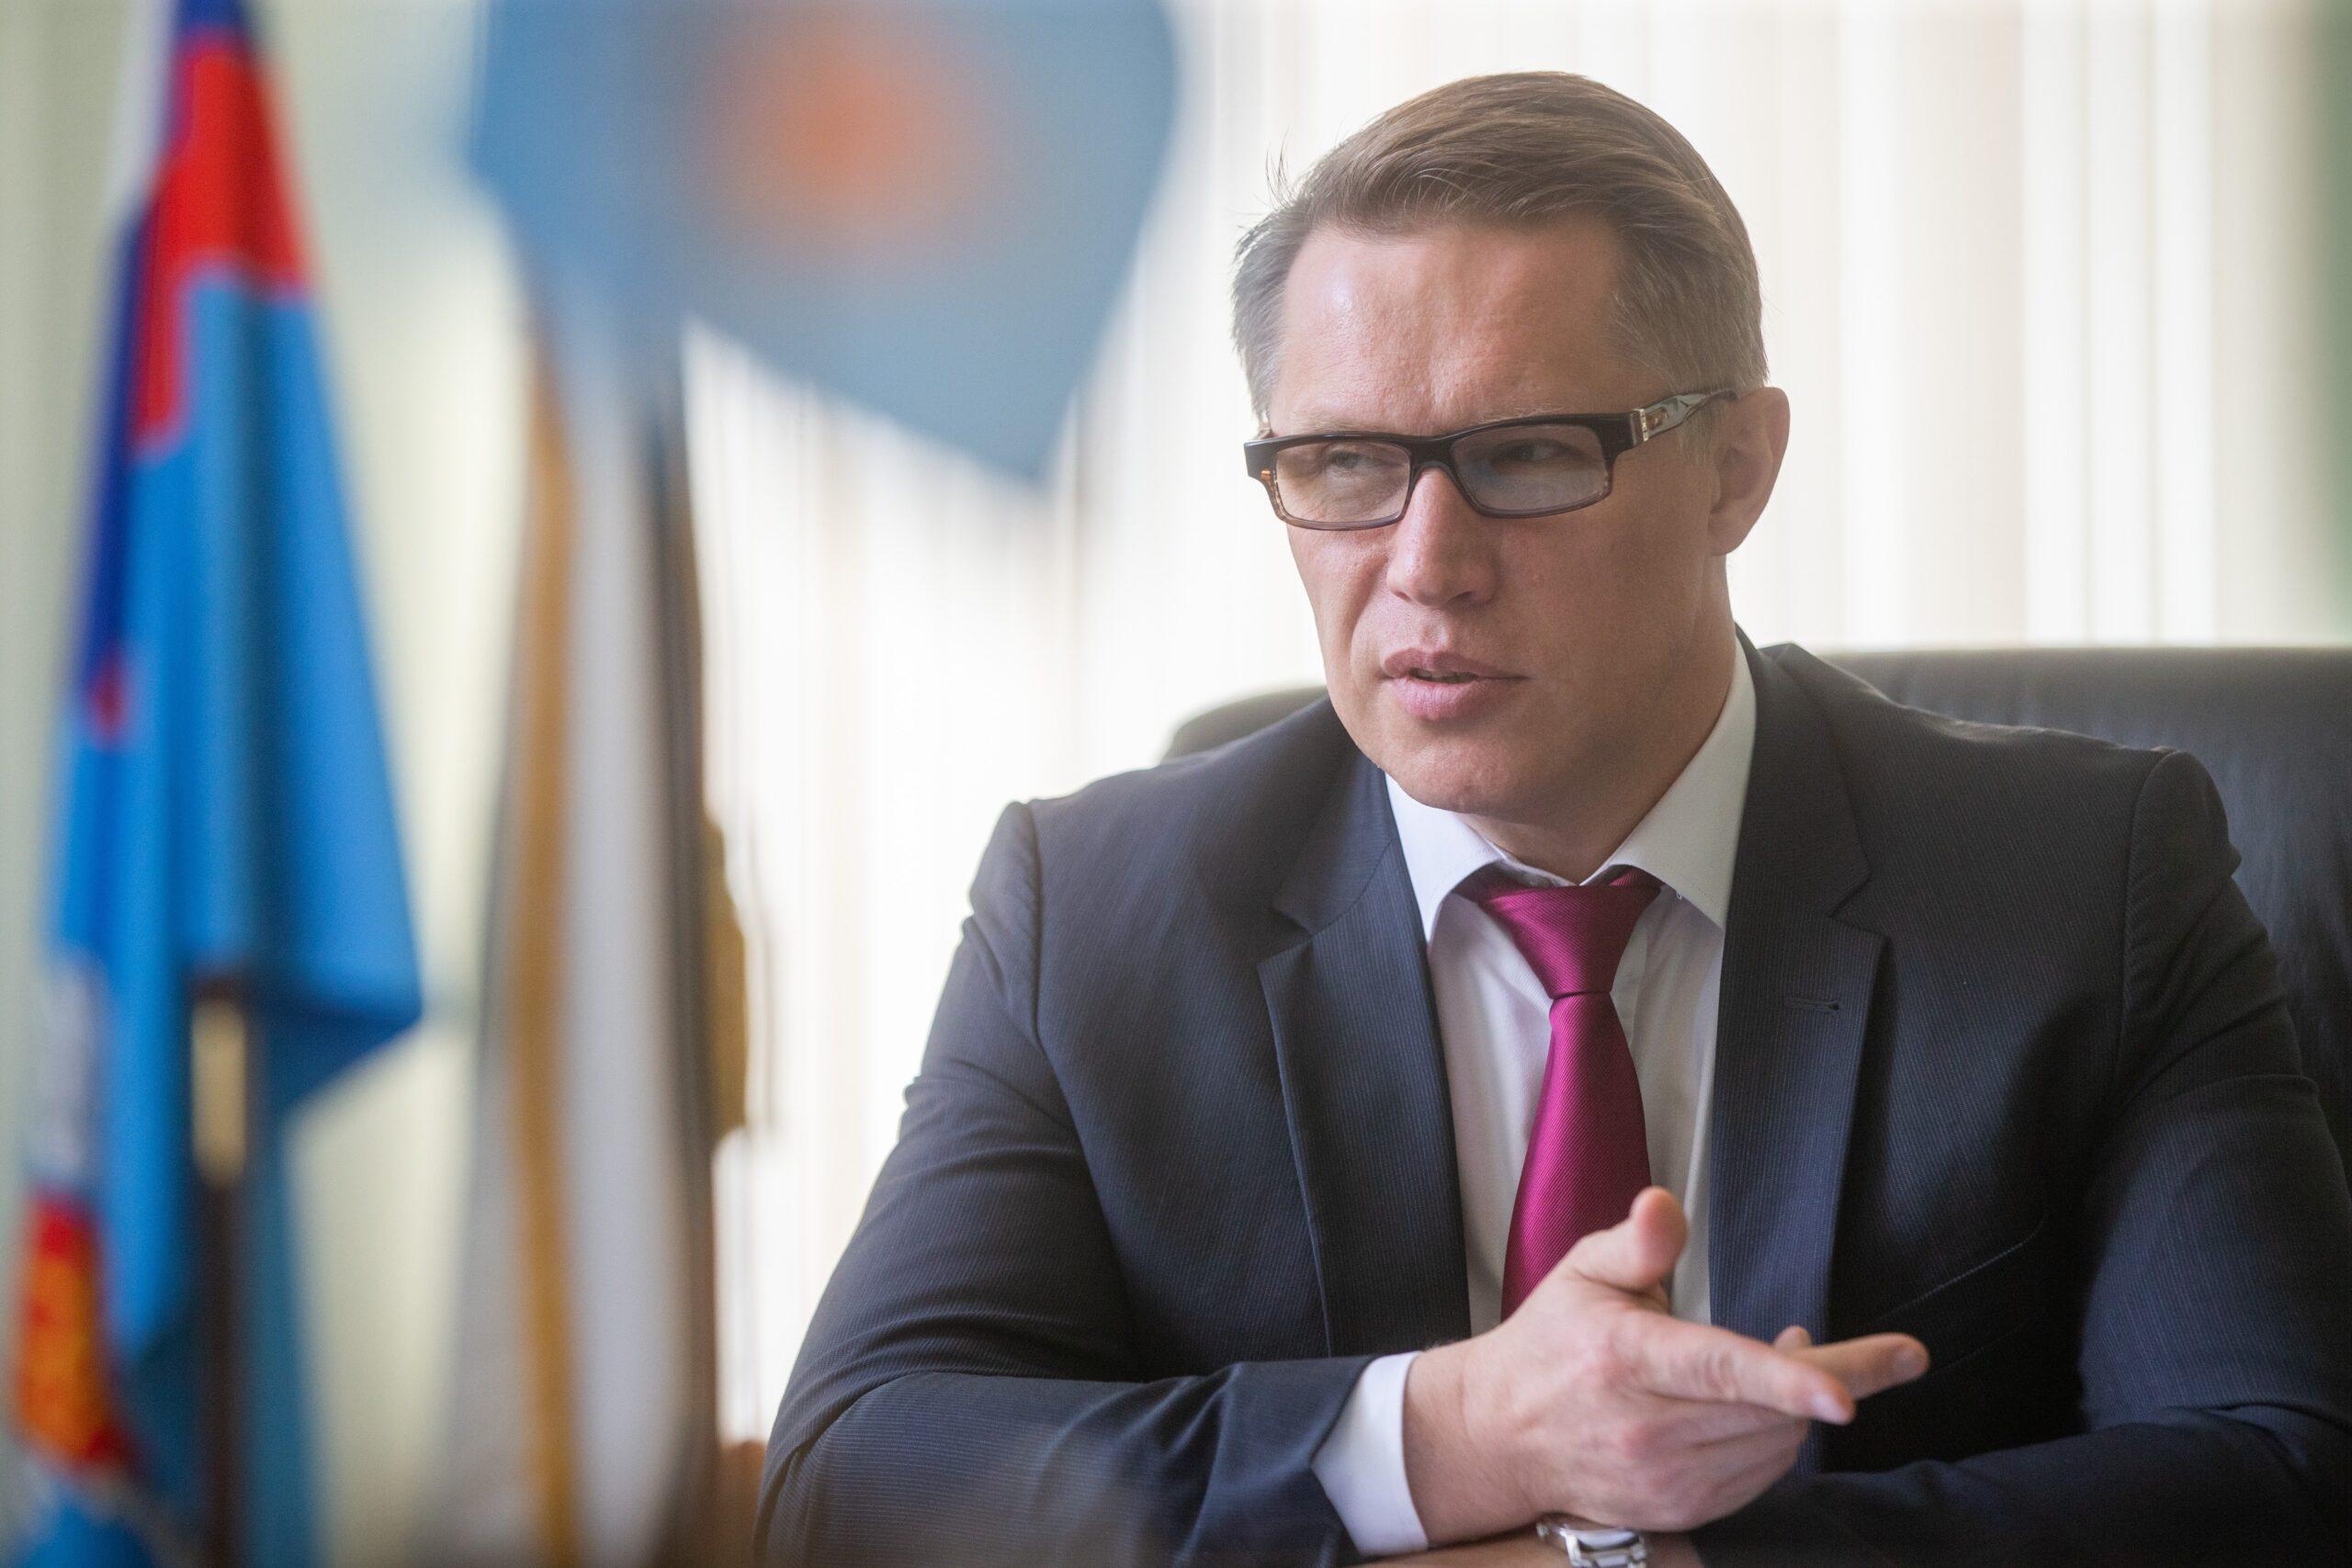 Мурашко призвал рекомендовать вакцинацию, а не прогнозировать новые волны COVID